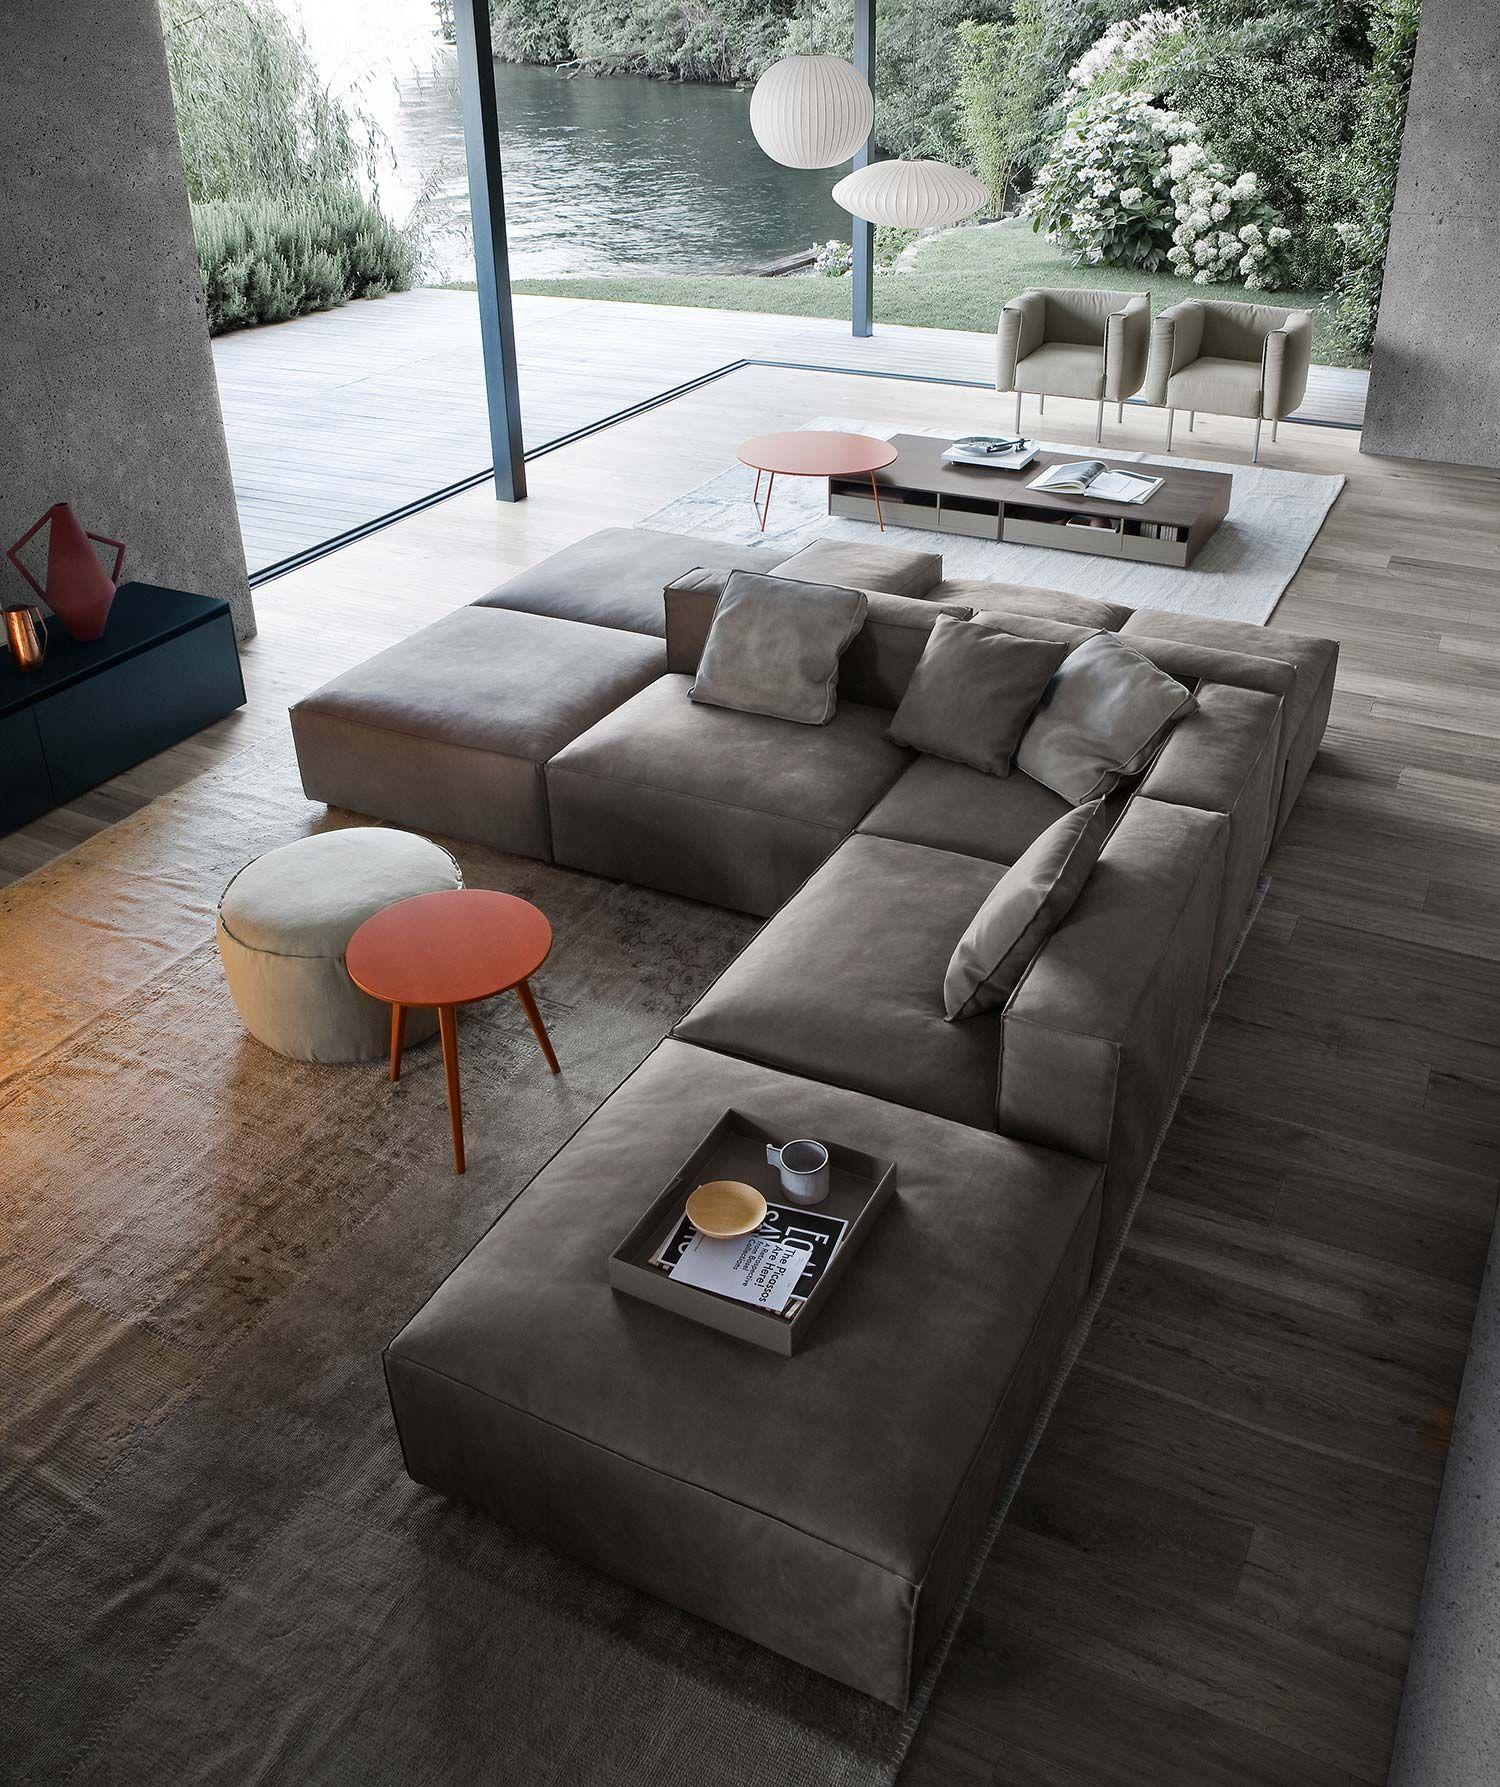 Wohnzimmer Couch In Der Mitte